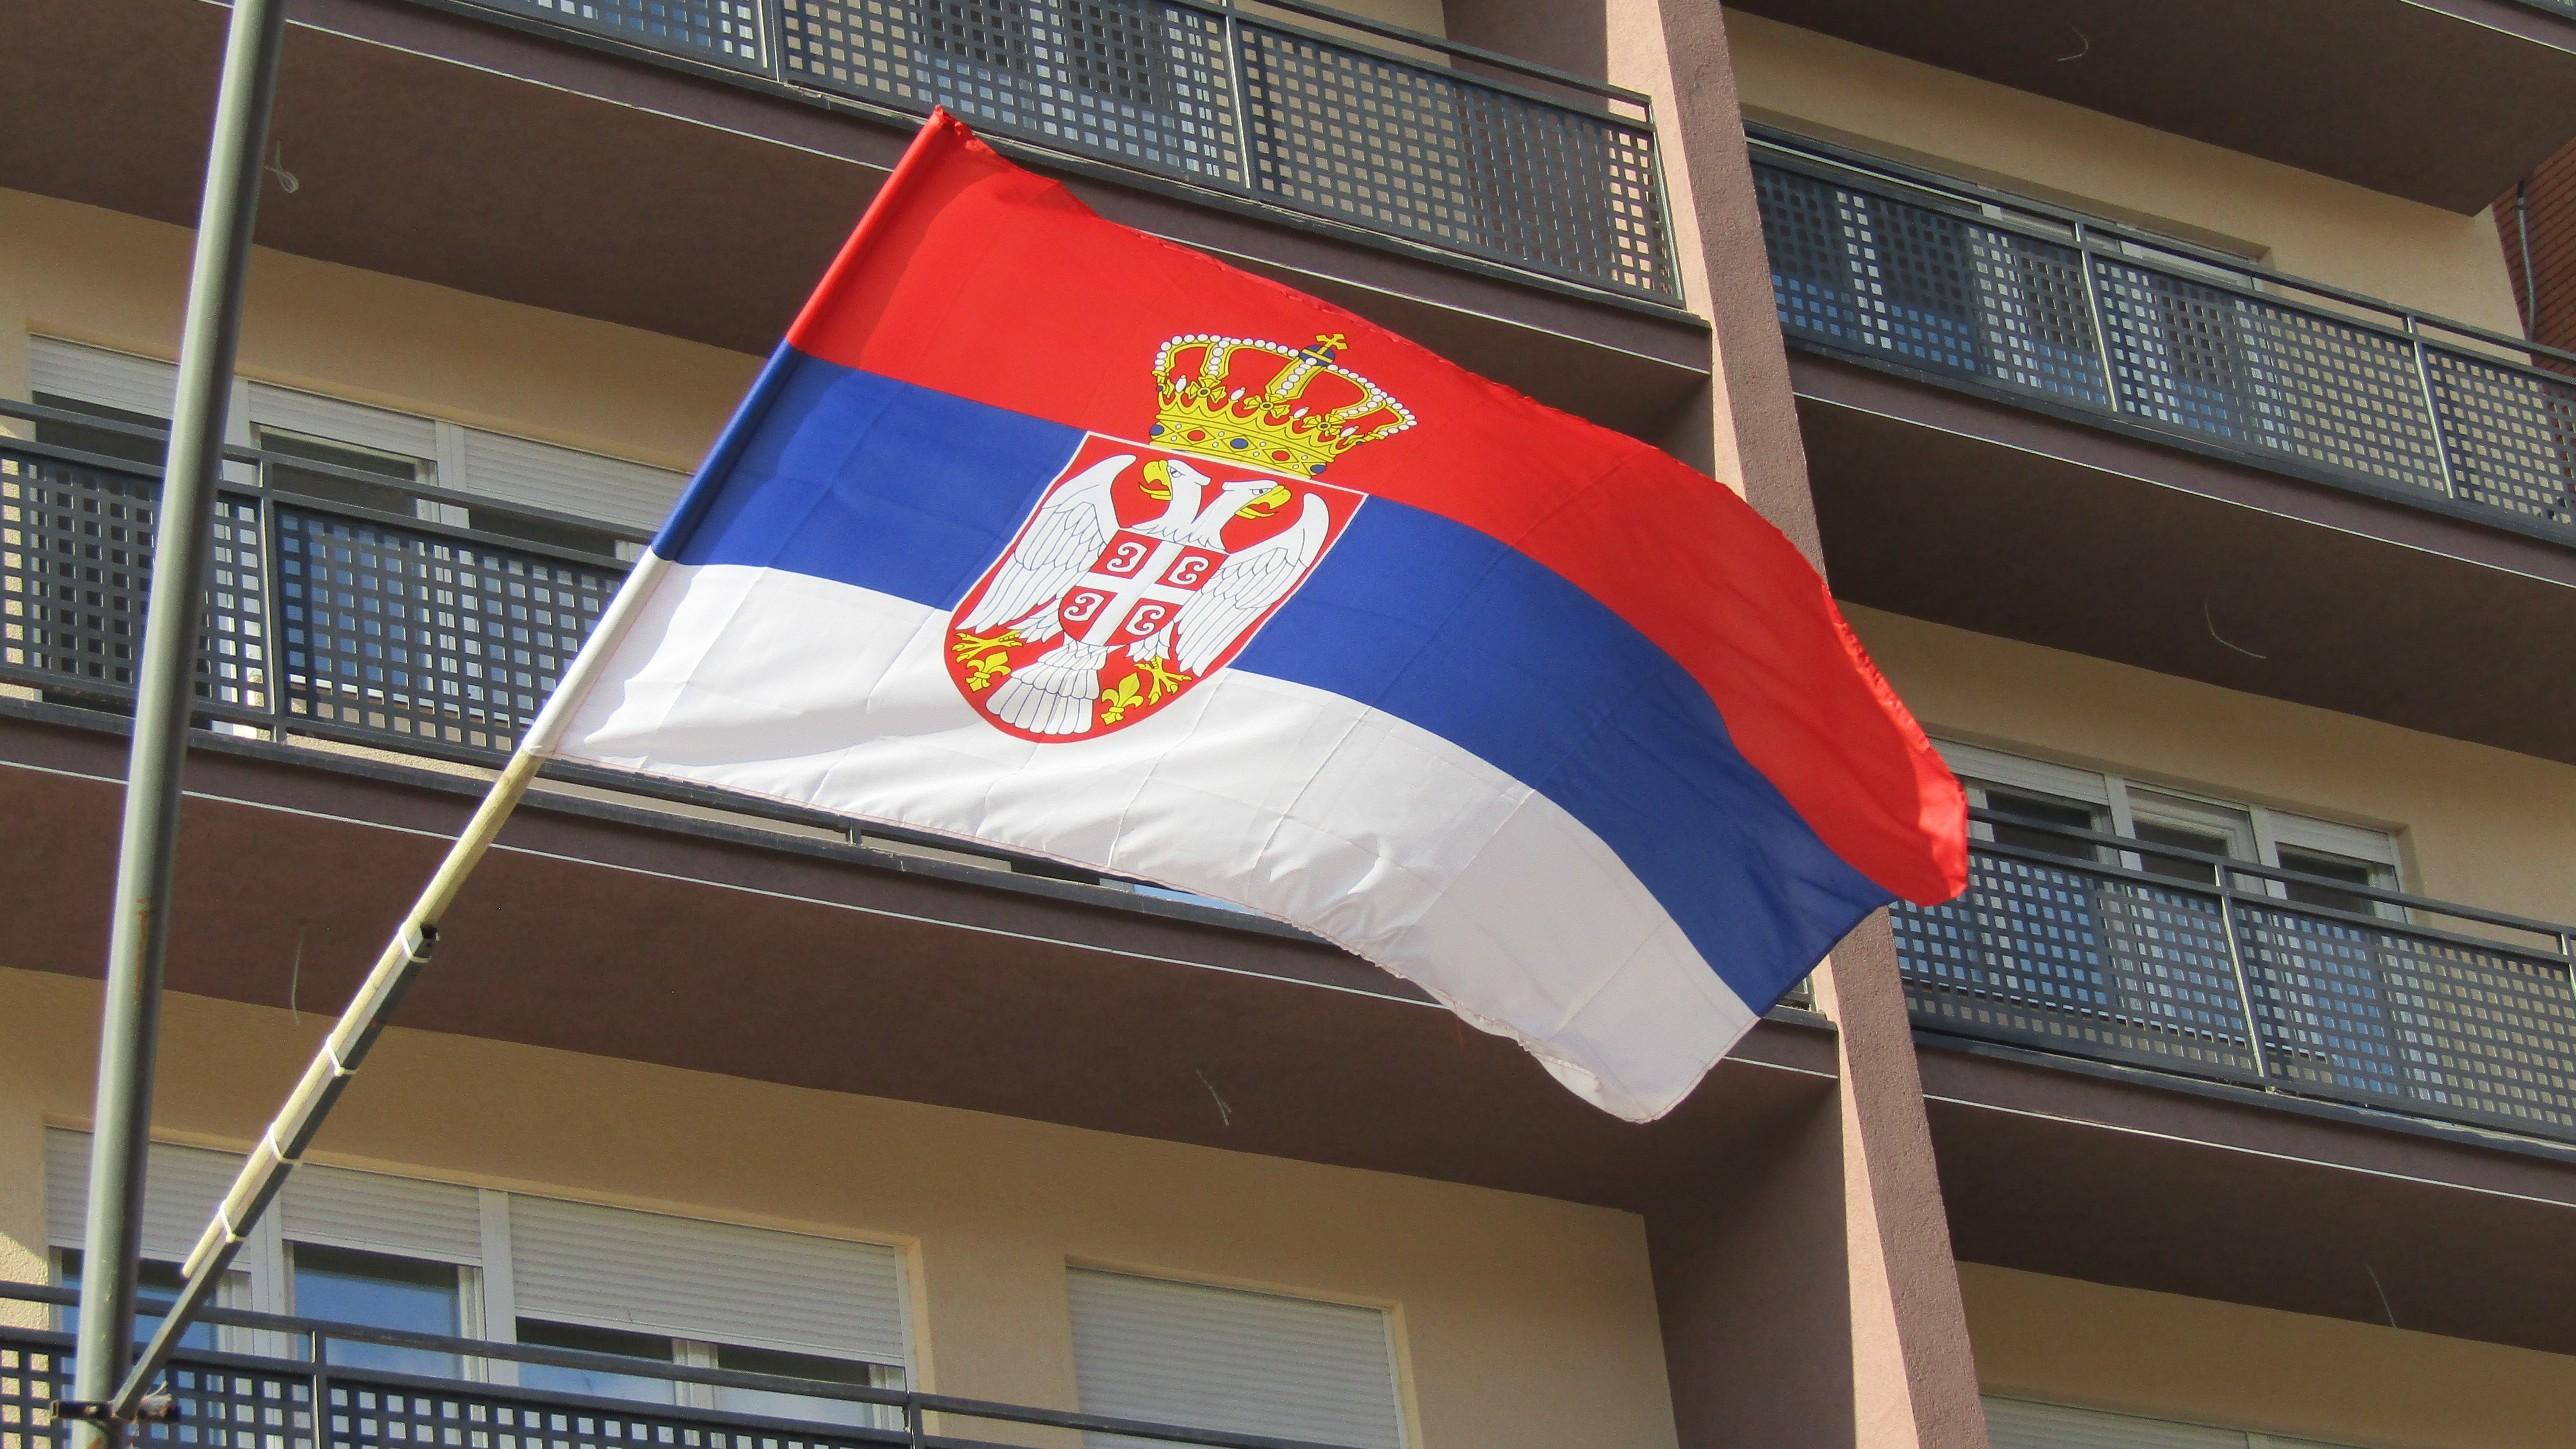 srpski-funkcioneri-na-kosovu-ne-prijavljuju-imovinu-i-prihode-po-srpskom-zakonu